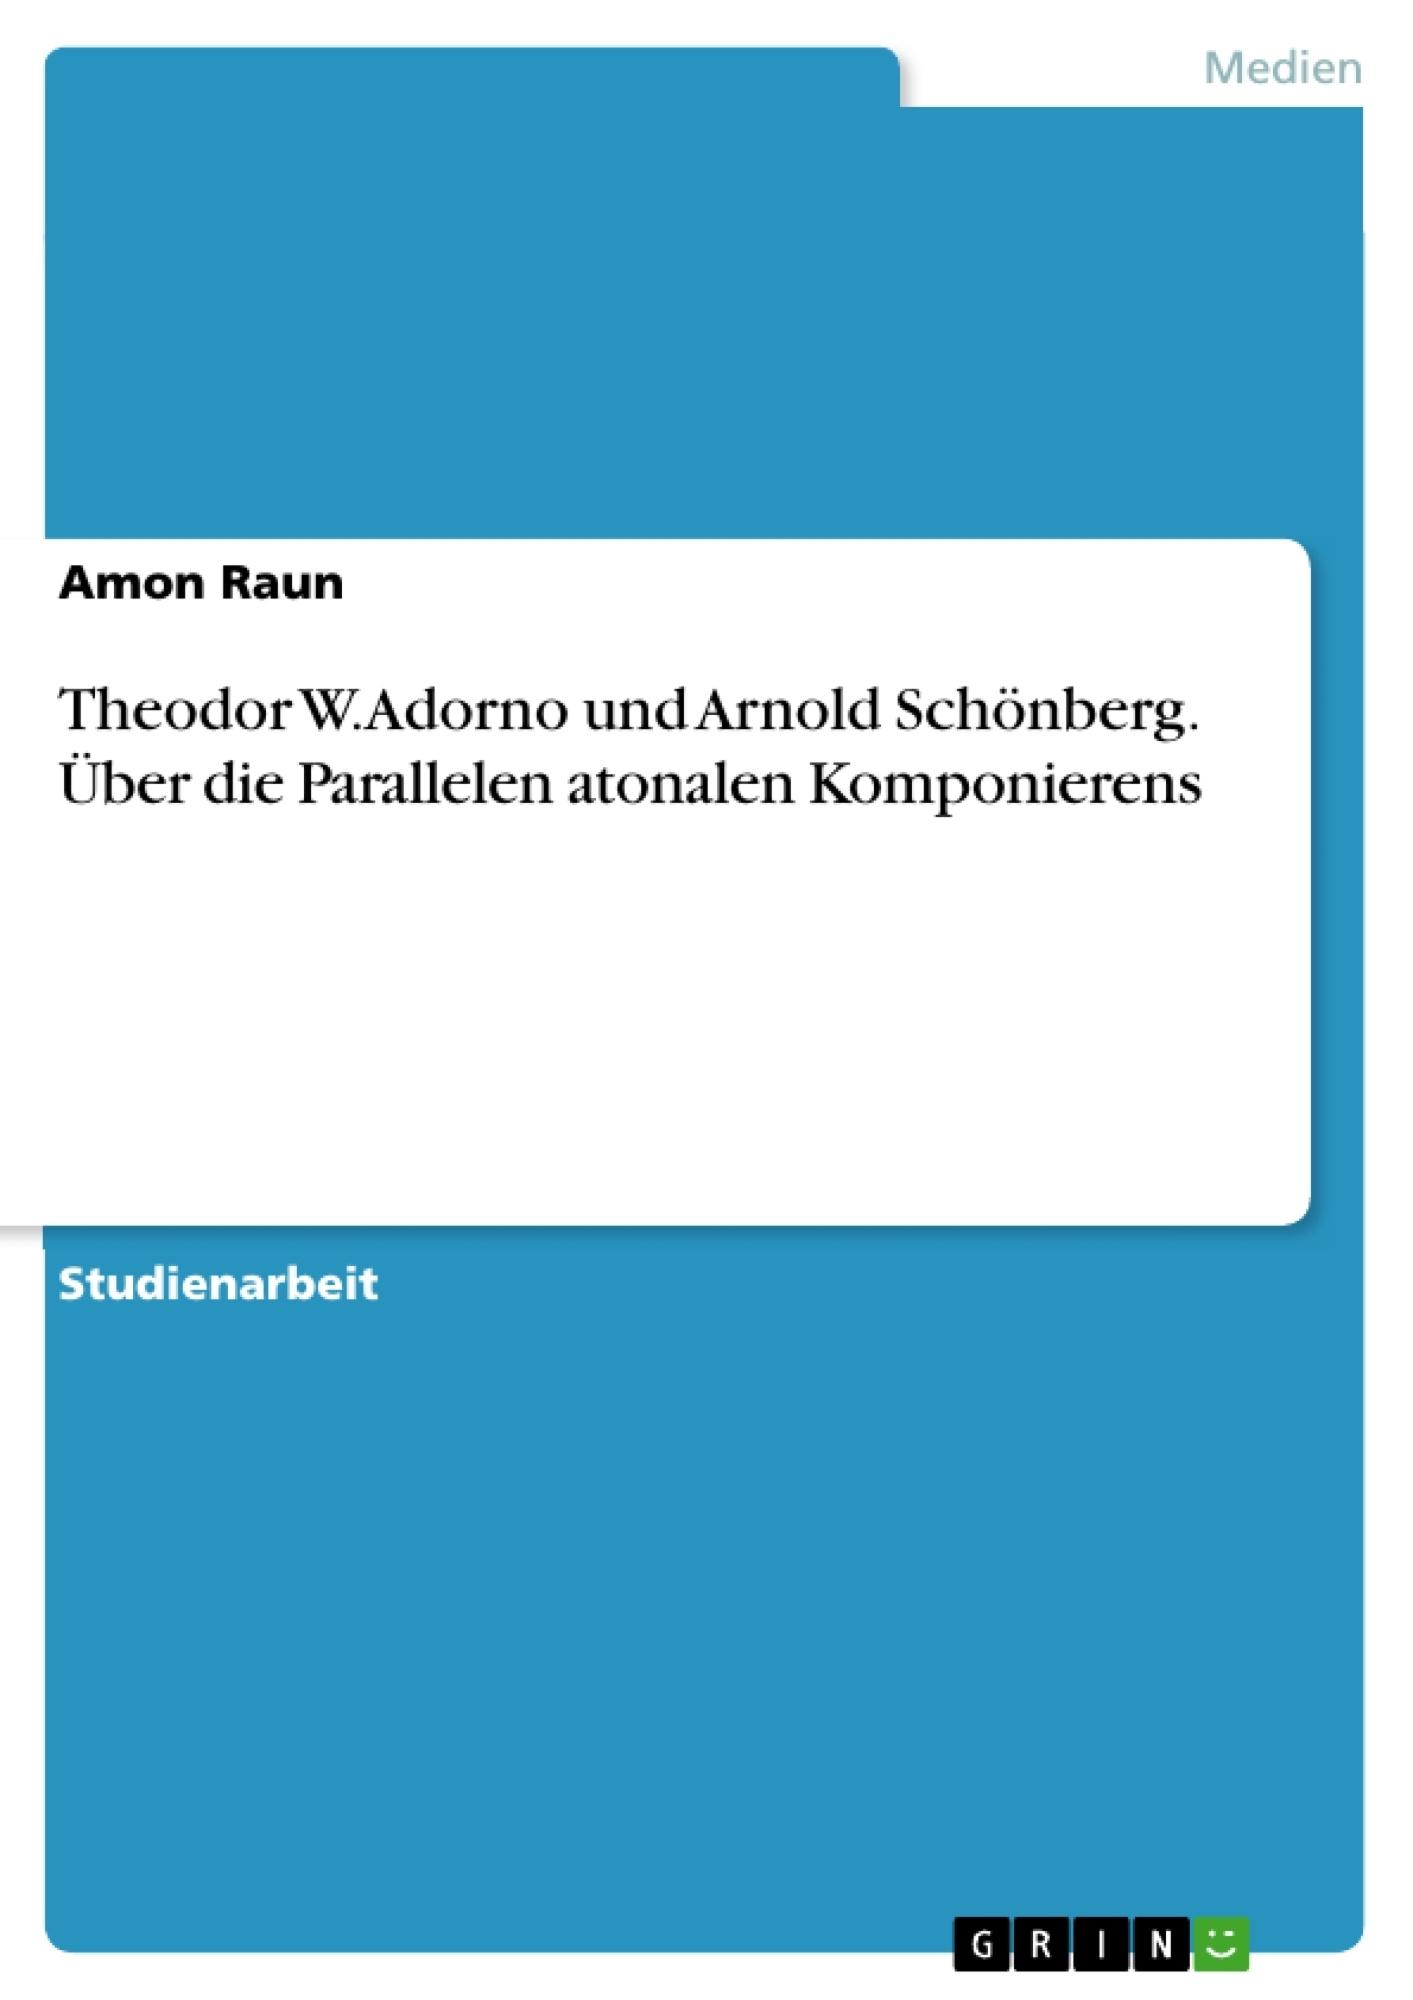 Titel: Theodor W. Adorno und Arnold Schönberg. Über die Parallelen atonalen Komponierens